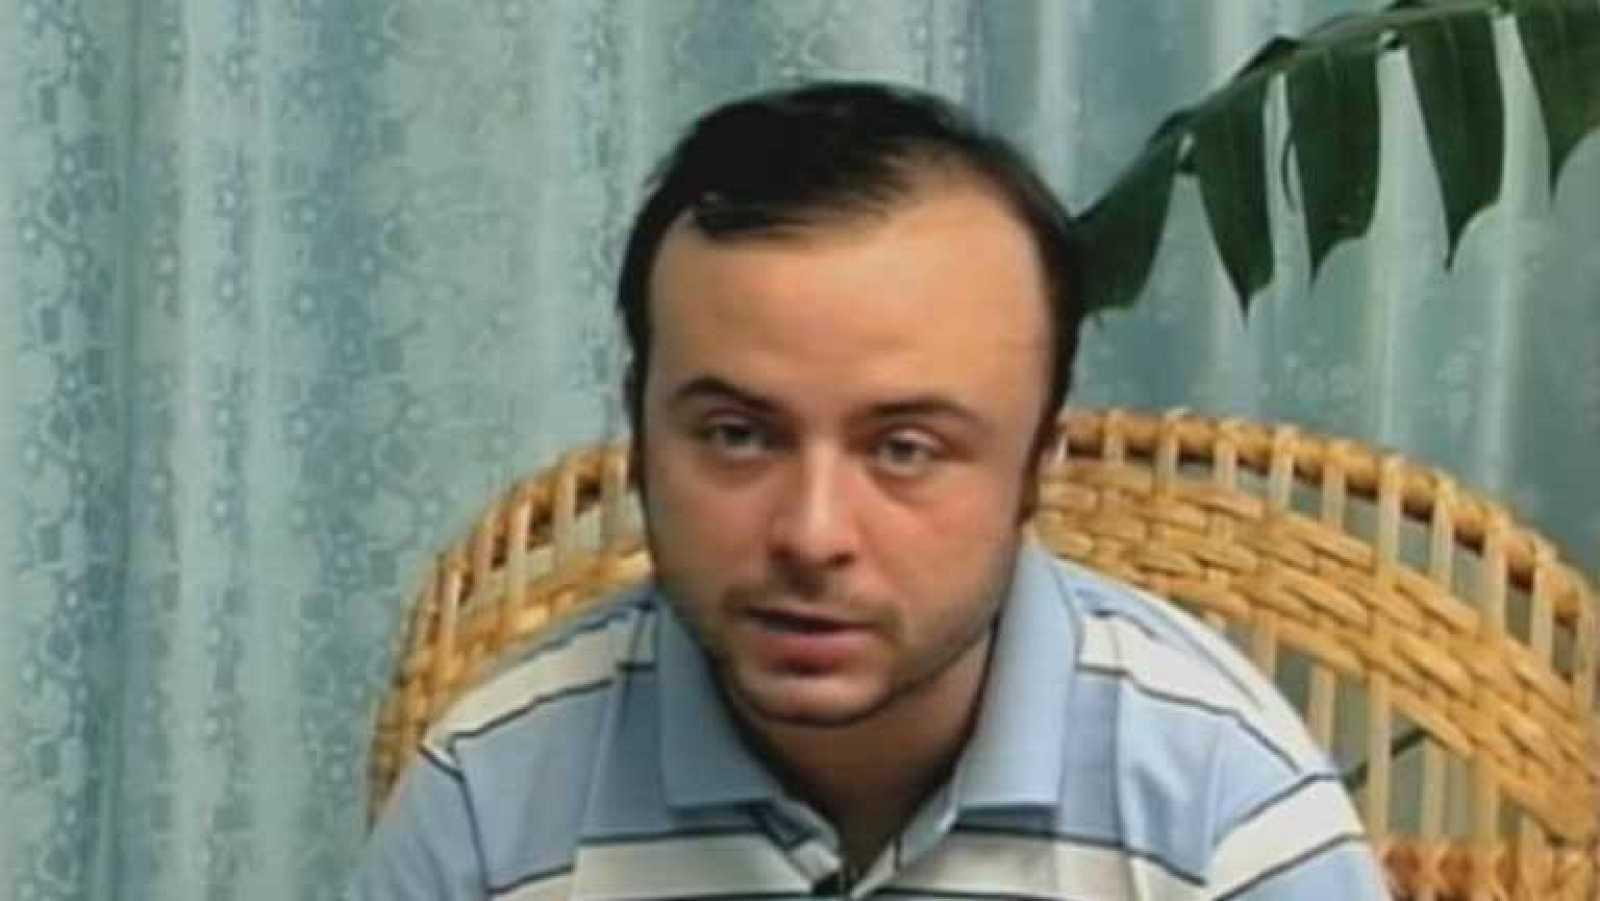 El juzgado de Bayamo ha condenado a Ángel Carromero a cuatro años de prisión